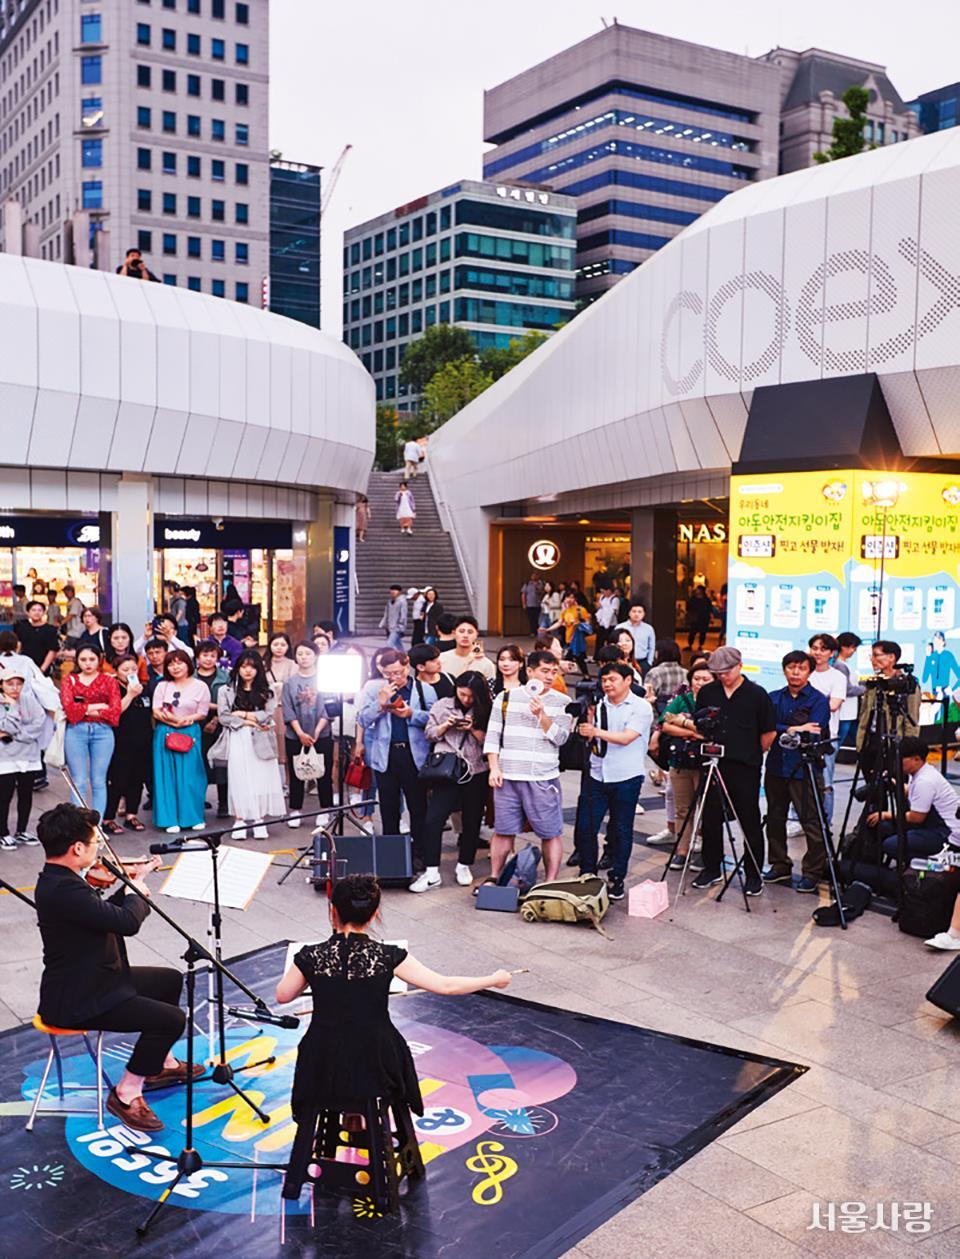 시민들이 코엑스 밀레니엄광장에서 진행되는 공연을 관람하고 있다.